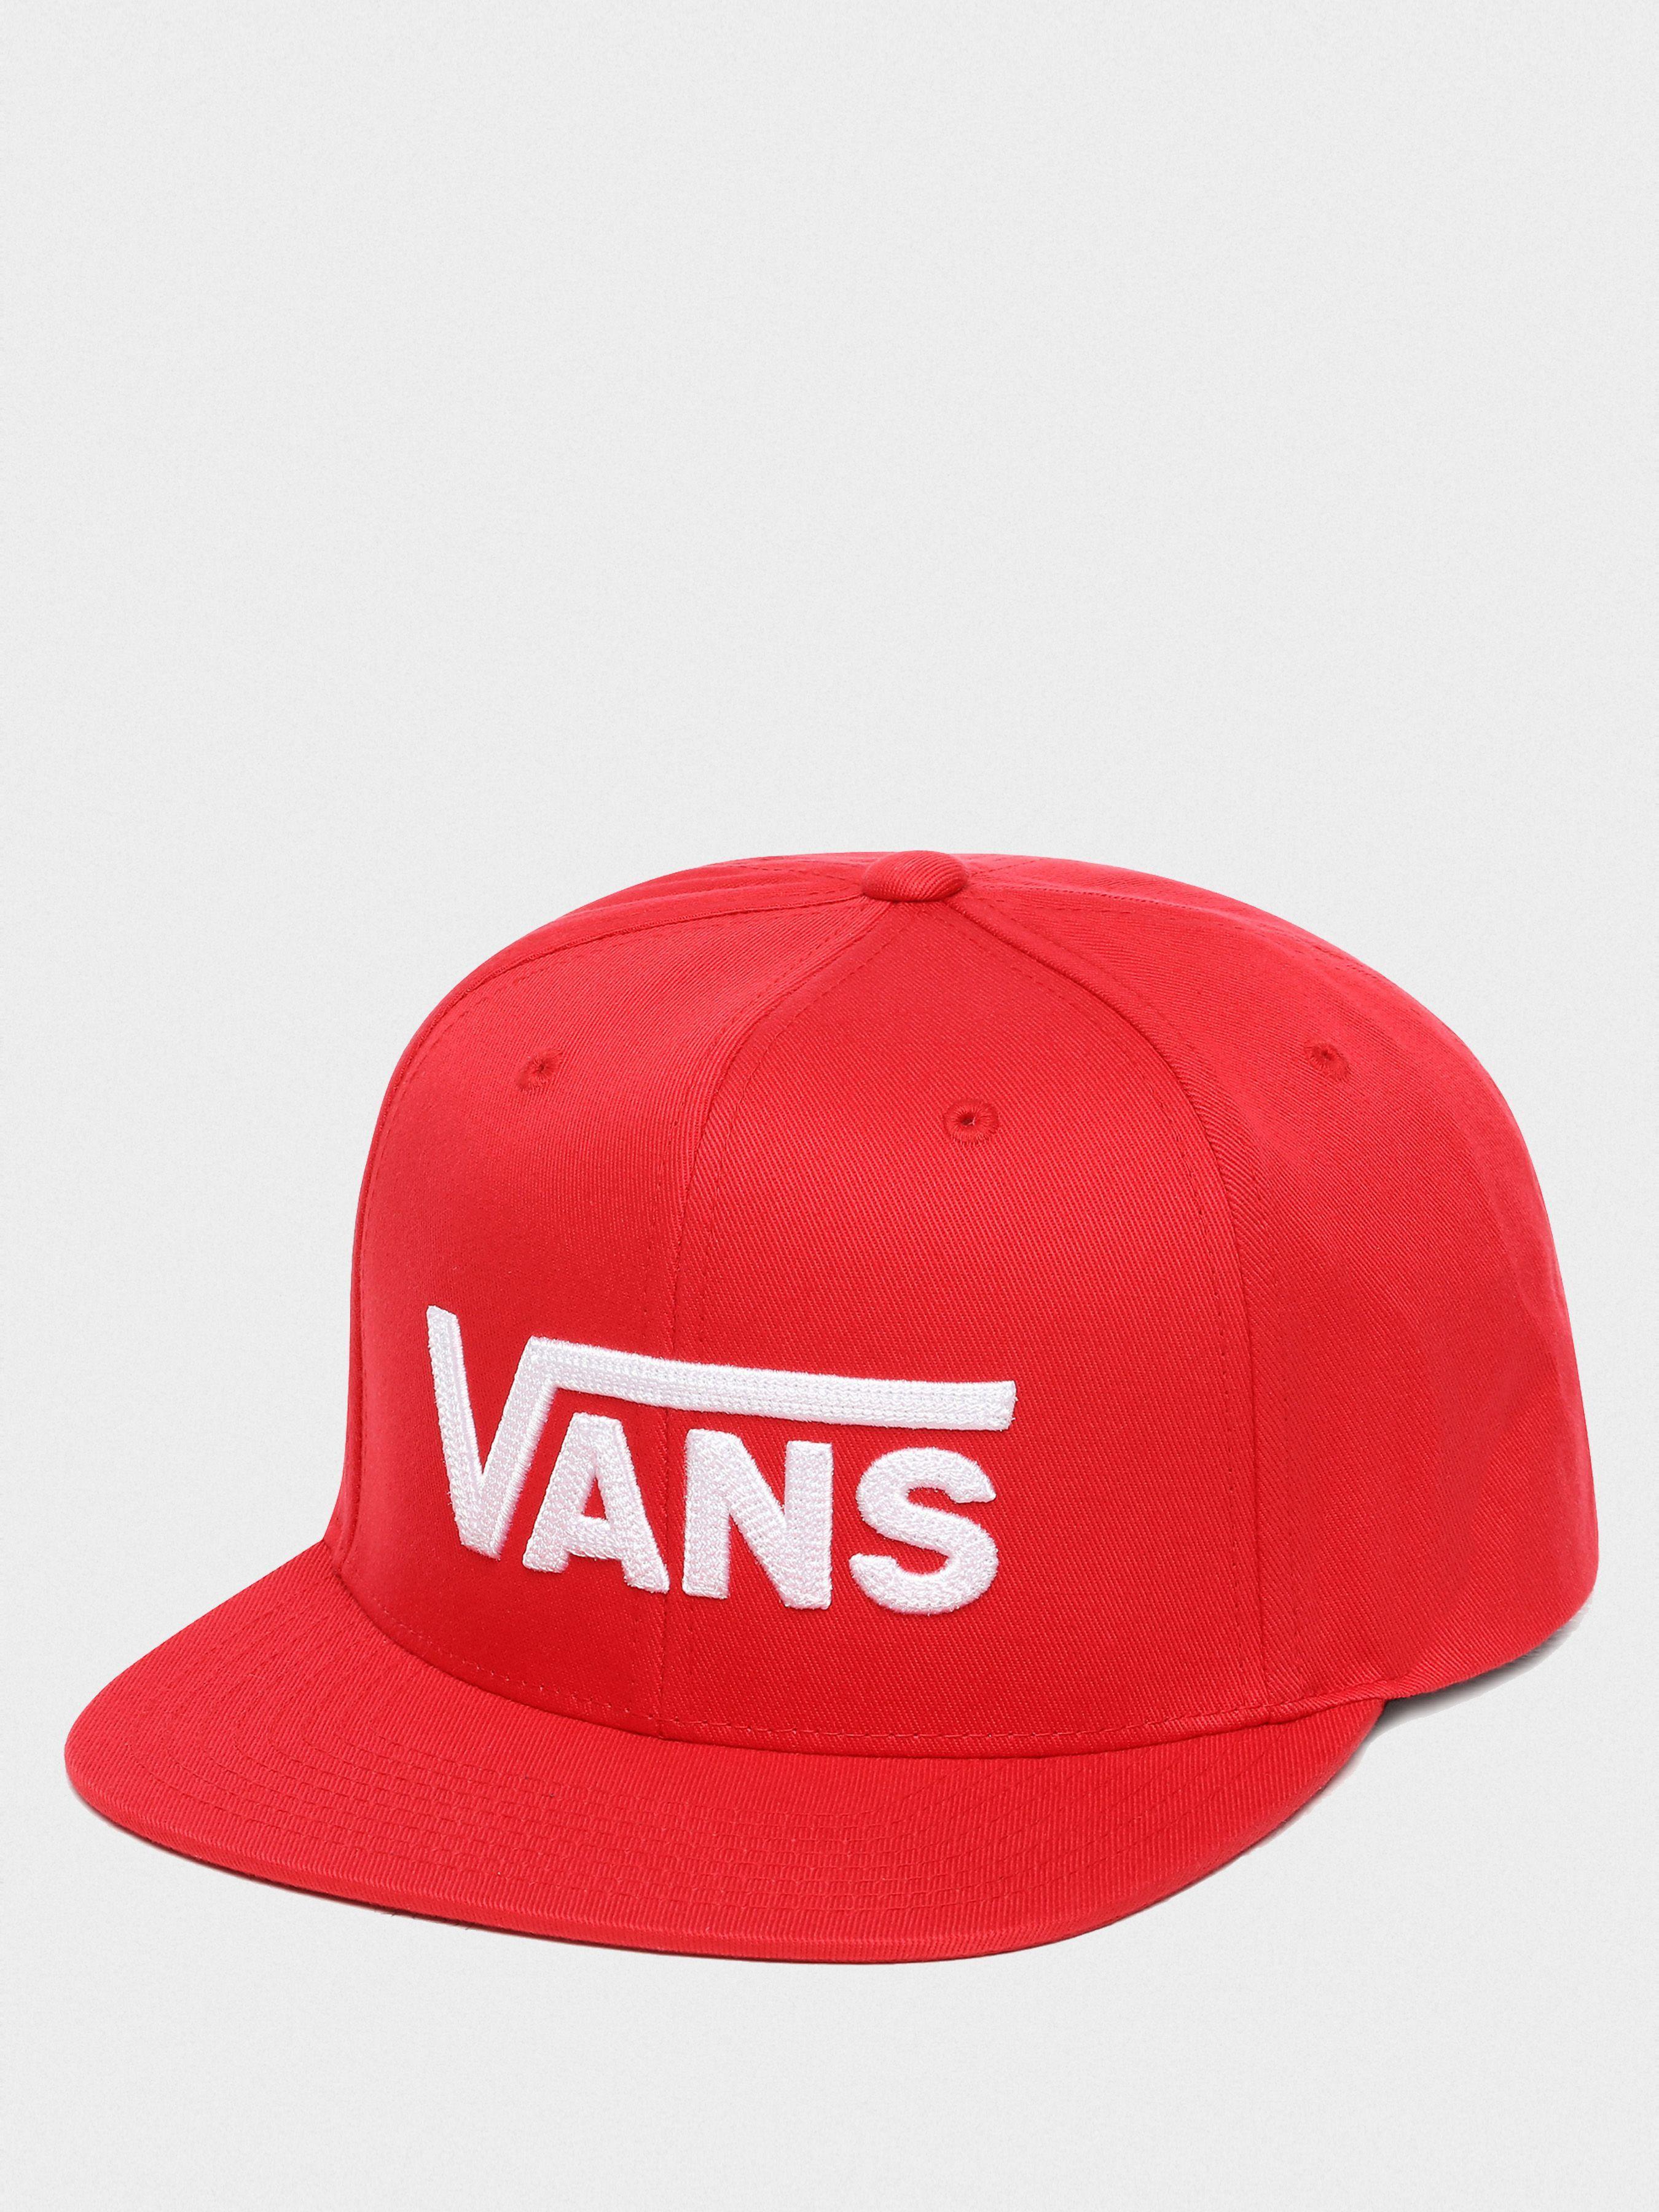 Купить Кепка мужские модель V2233, Vans, Красный